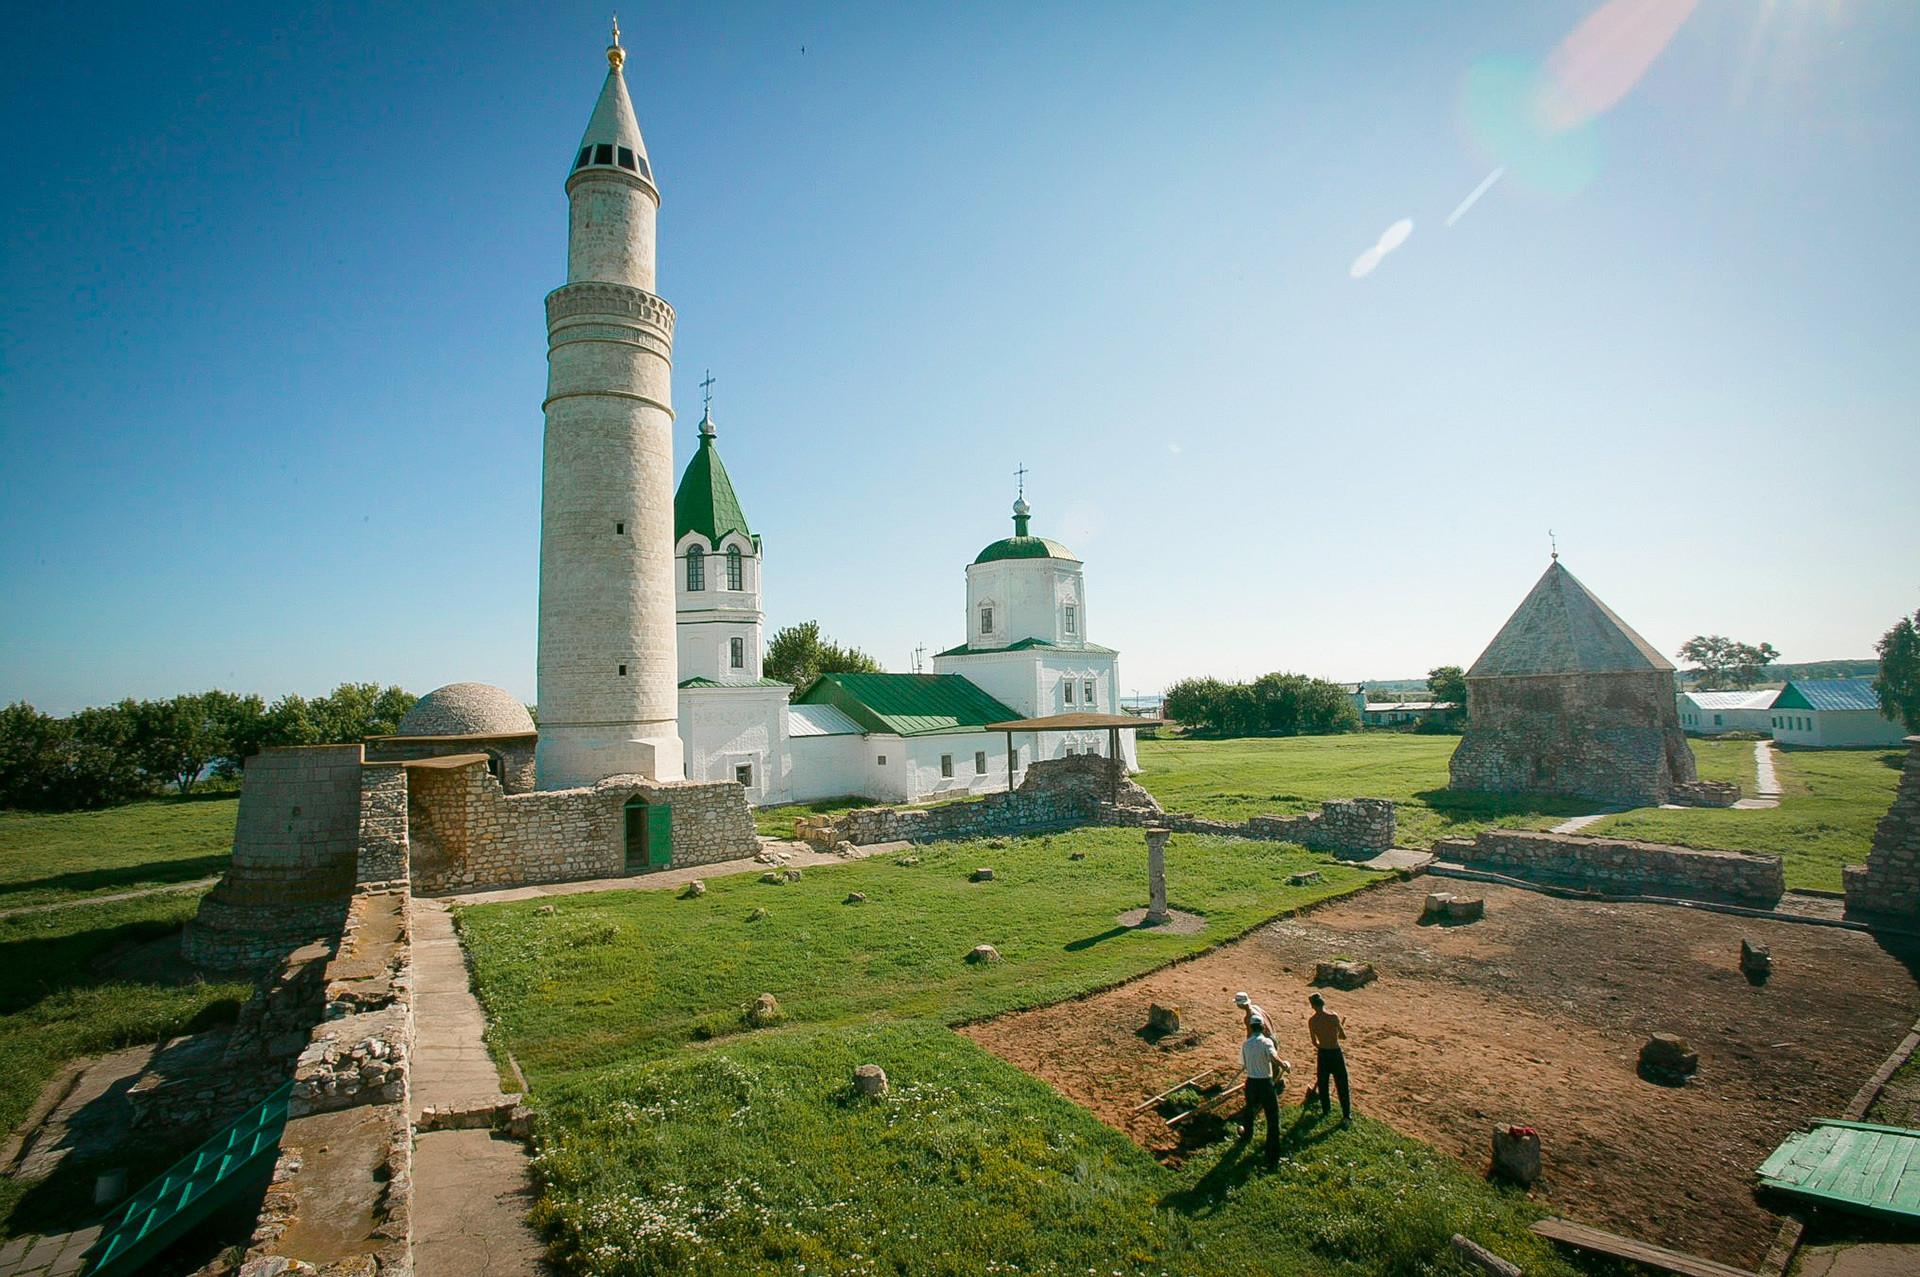 Остатоци од древниот град Болгар на Волга, главниот град на средновековната Волшко-Камска Бугарија (основан во 10 век). Споменици од 13 и од 14 век. Големо минаре и урнатините на Главната џамија од 14 век. Во позадина е Храмот на Успение на Пресвета Богородица од 18 век.